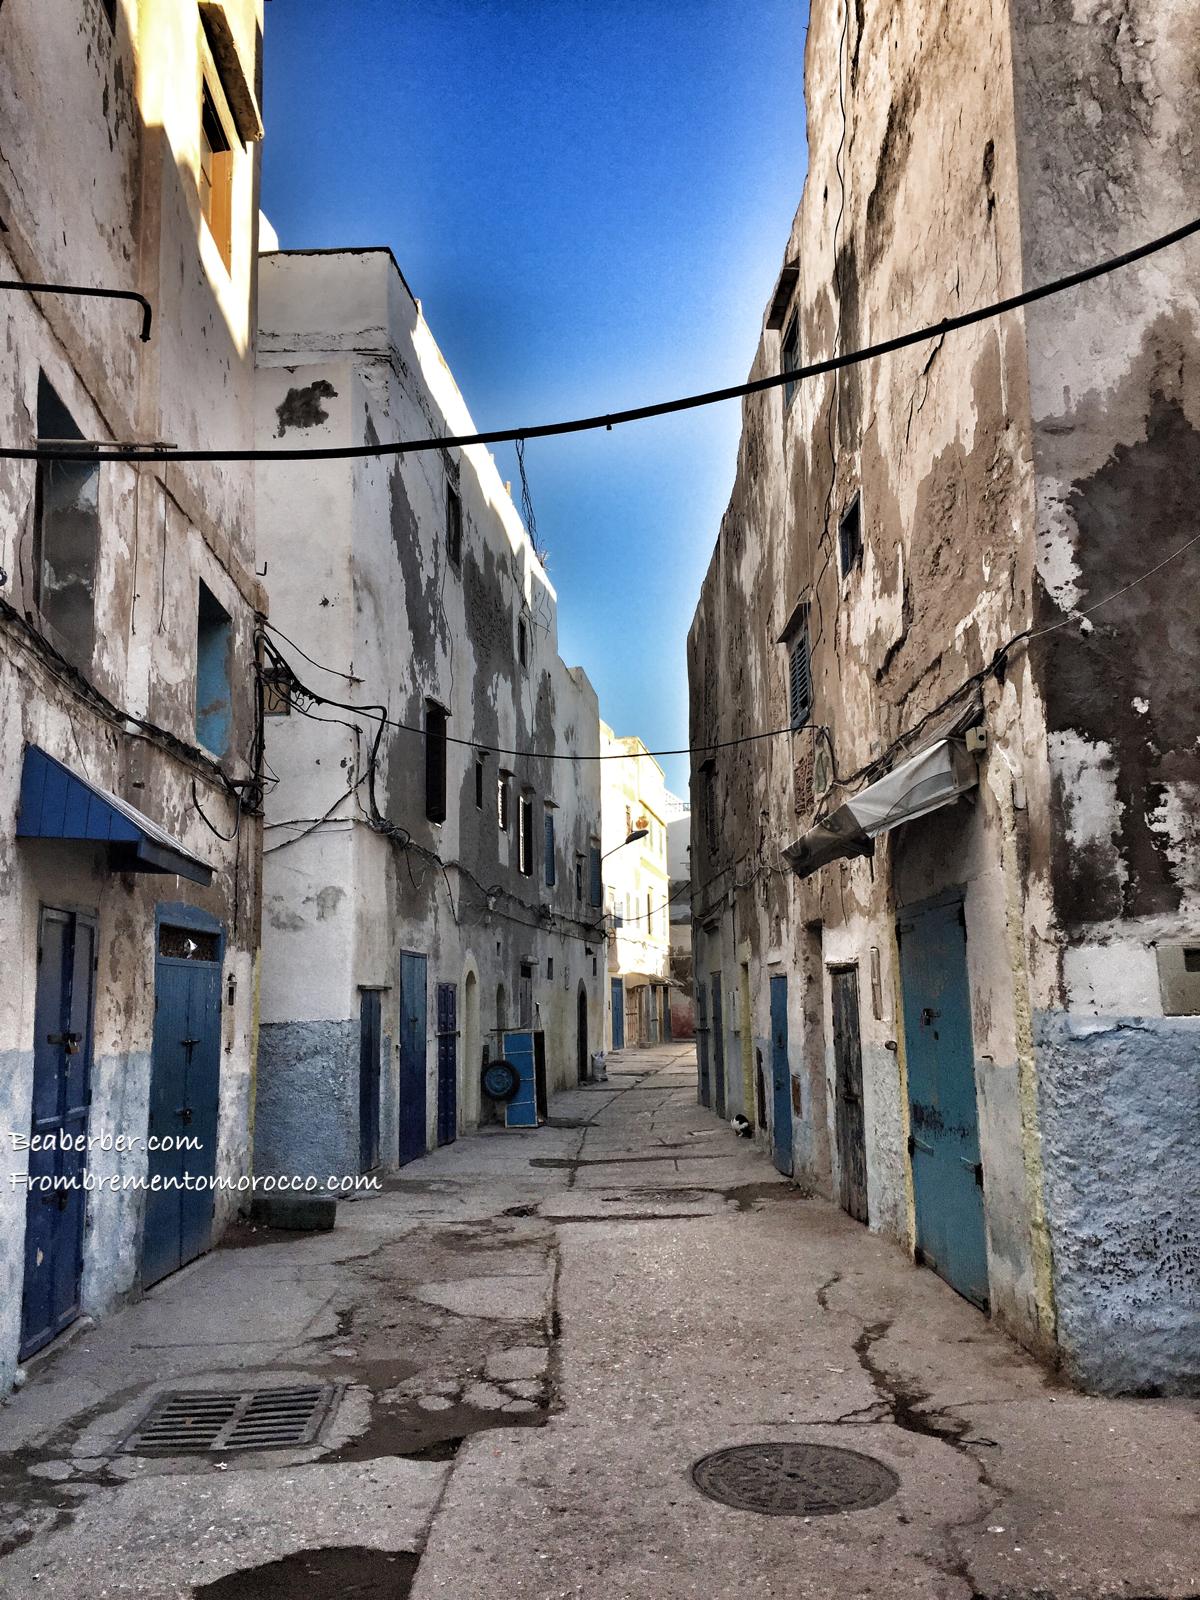 Besuch uns im hohen Atlas Marokkos und erlebe das einheimische Leben der Berber, lies meinen Auswandererblog oder erfahre mehr über Marokkos Küche und die Geschichte der Amazigh.. www.frombrementomorocco.com